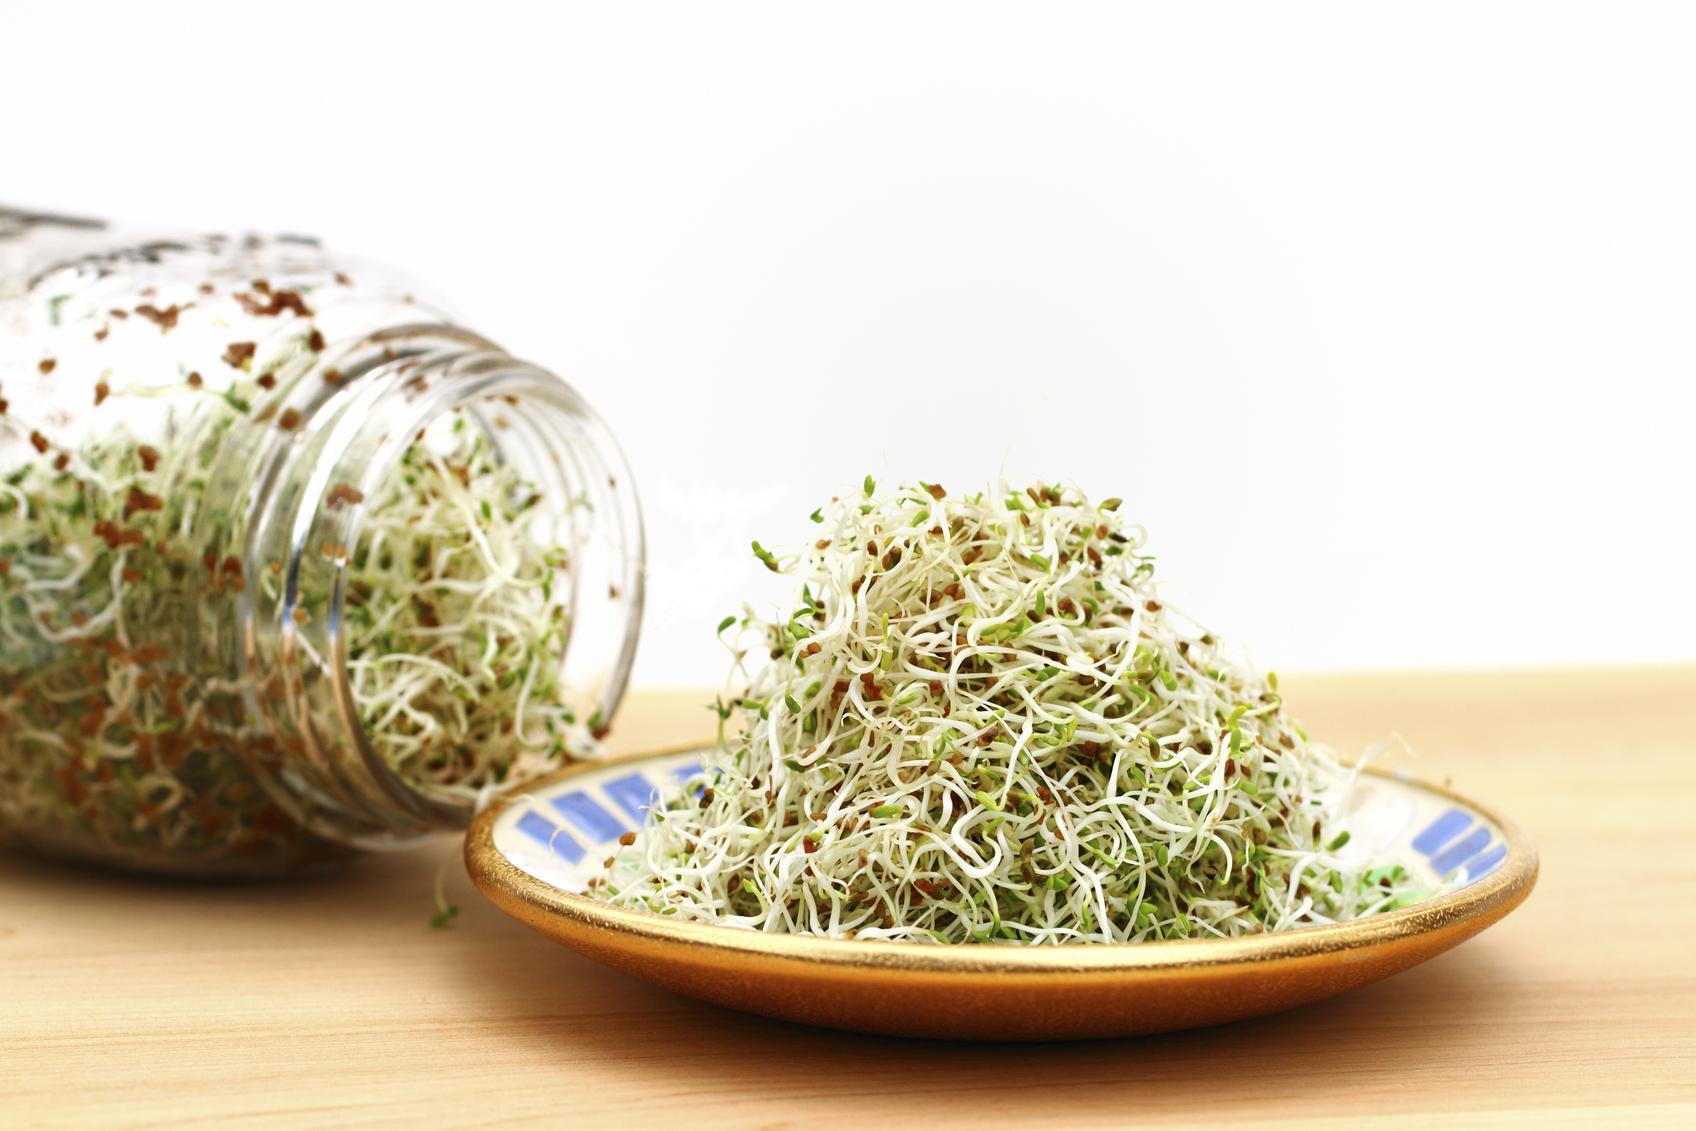 Comment Planter Les Graines De Persil graines germées maison : le mode d'emploi pour se lancer